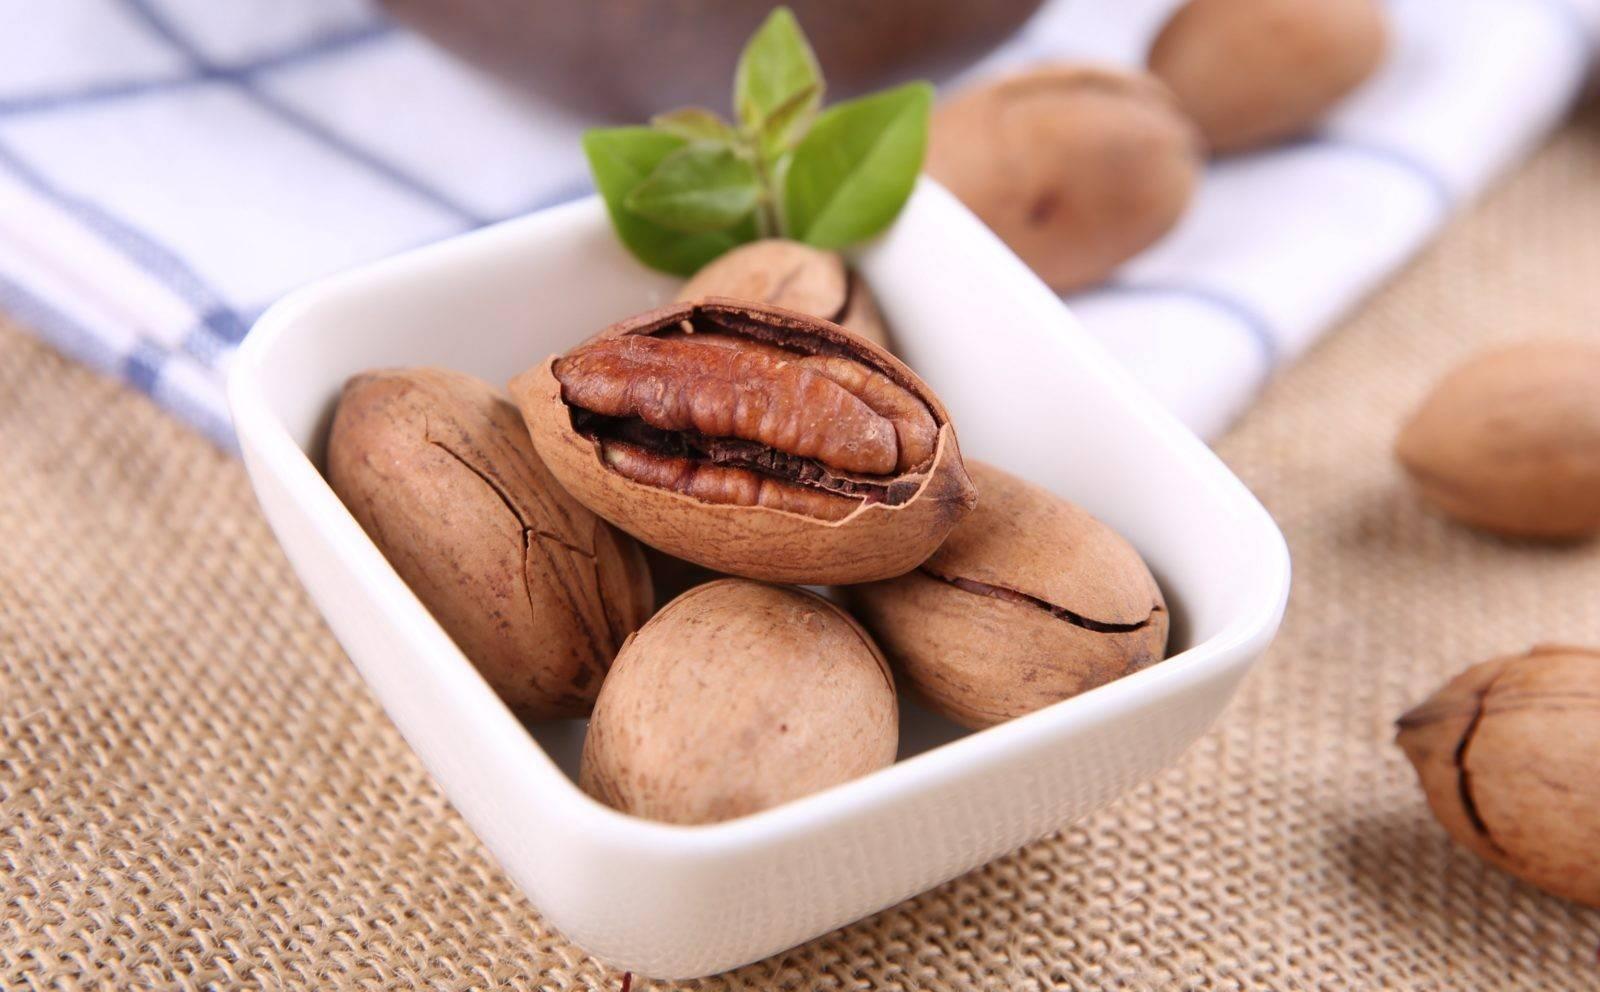 Пекан: польза и вред ореха, калорийность, фото, полезные свойства для женщин, мужчин и детей и противопоказания